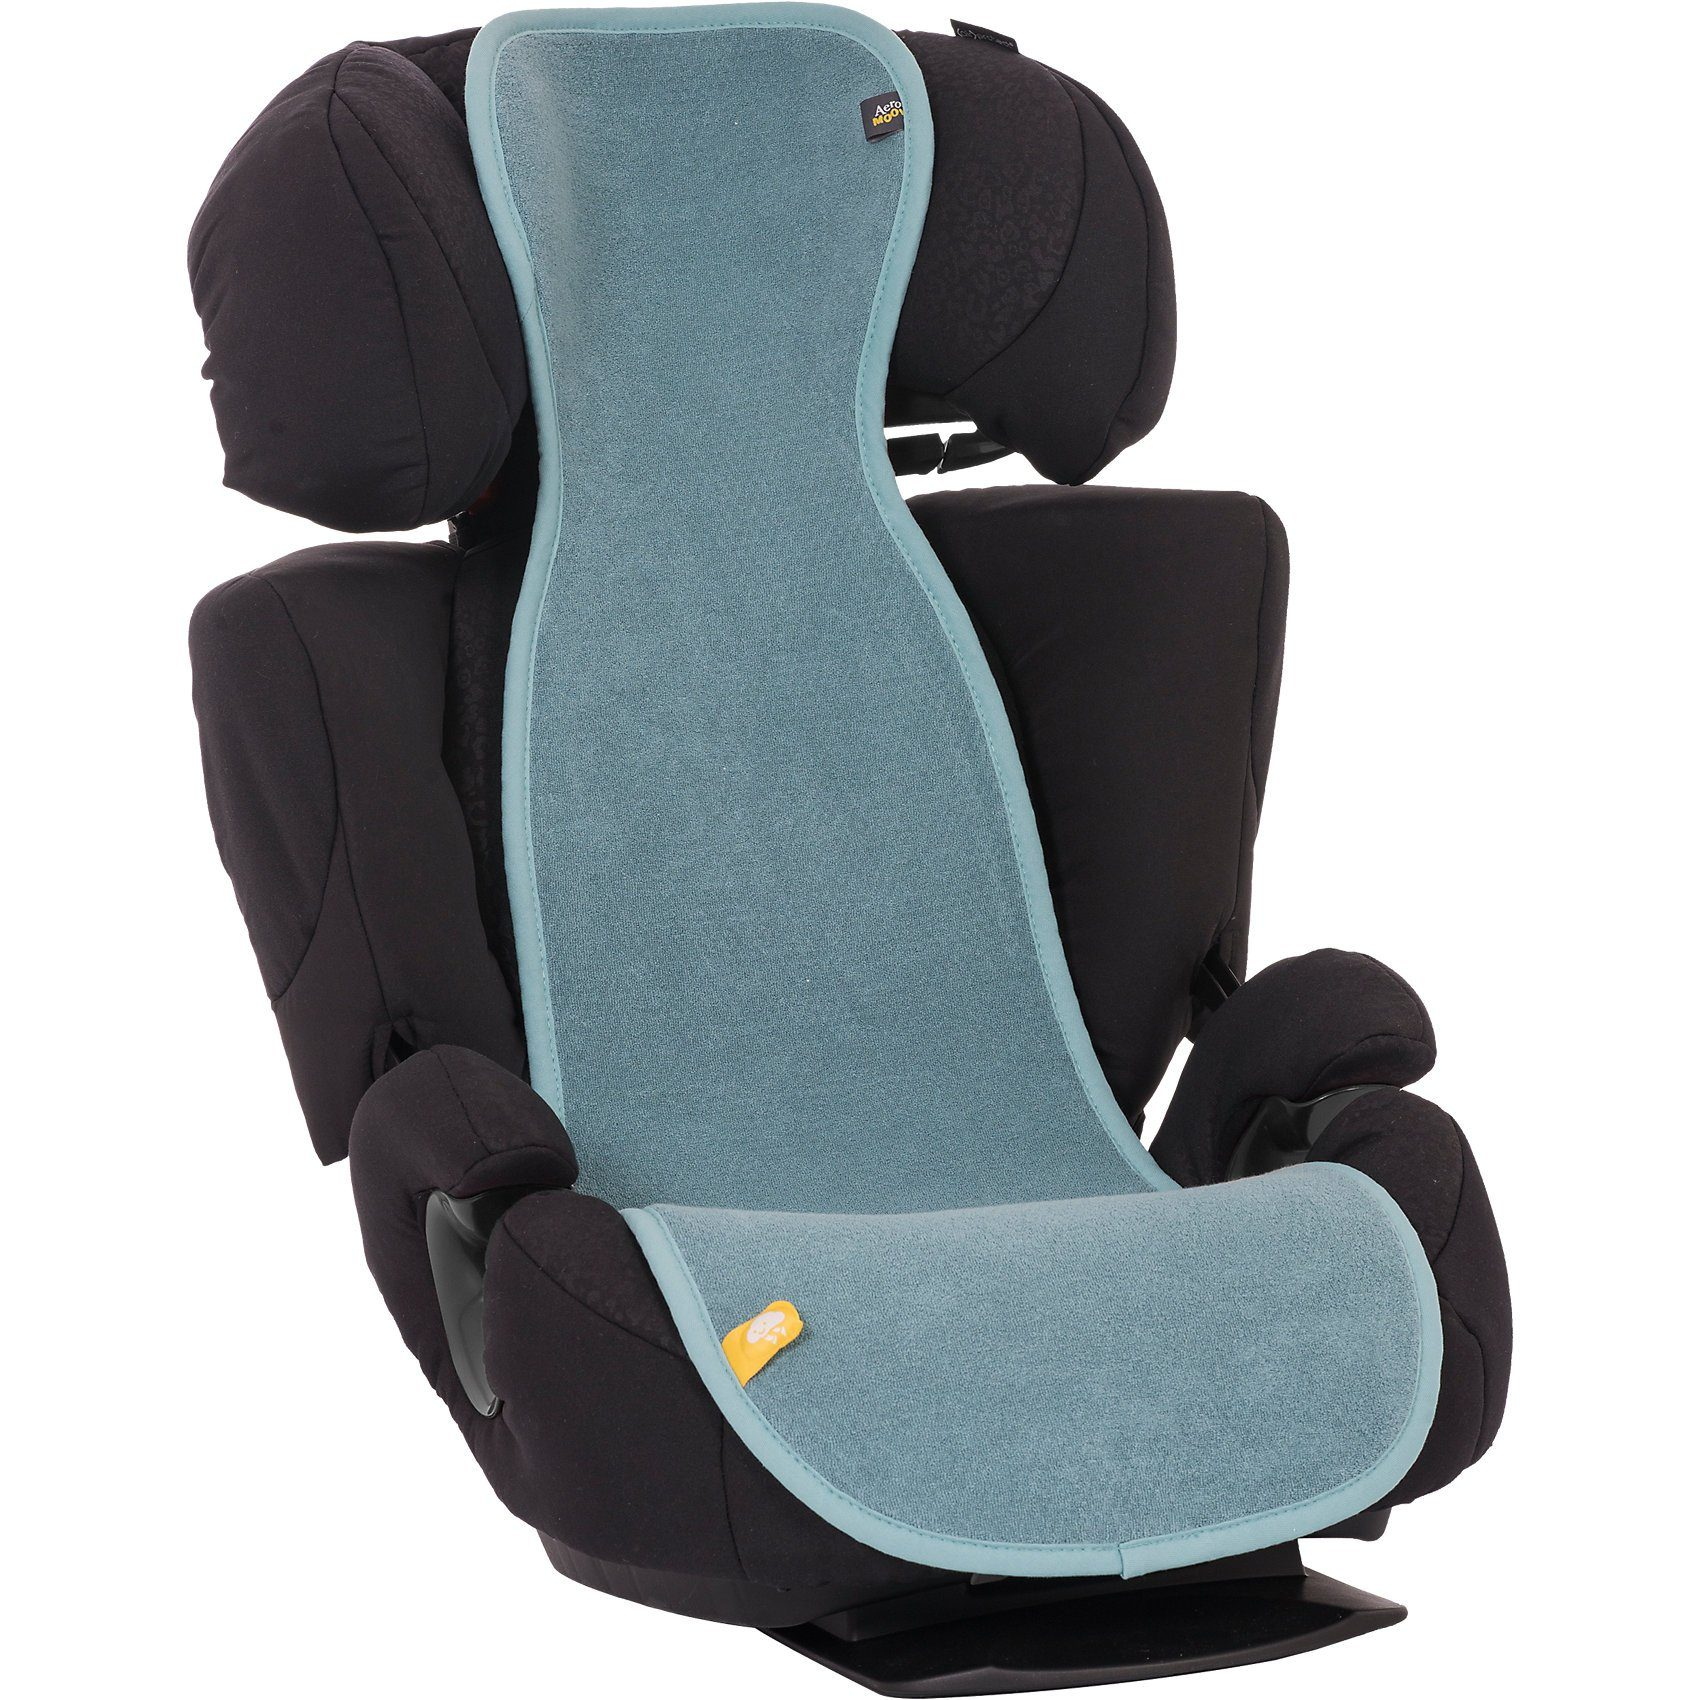 Sitzeinlage AeroMoov für Auto-Kindersitz Gr. 2/3, blau